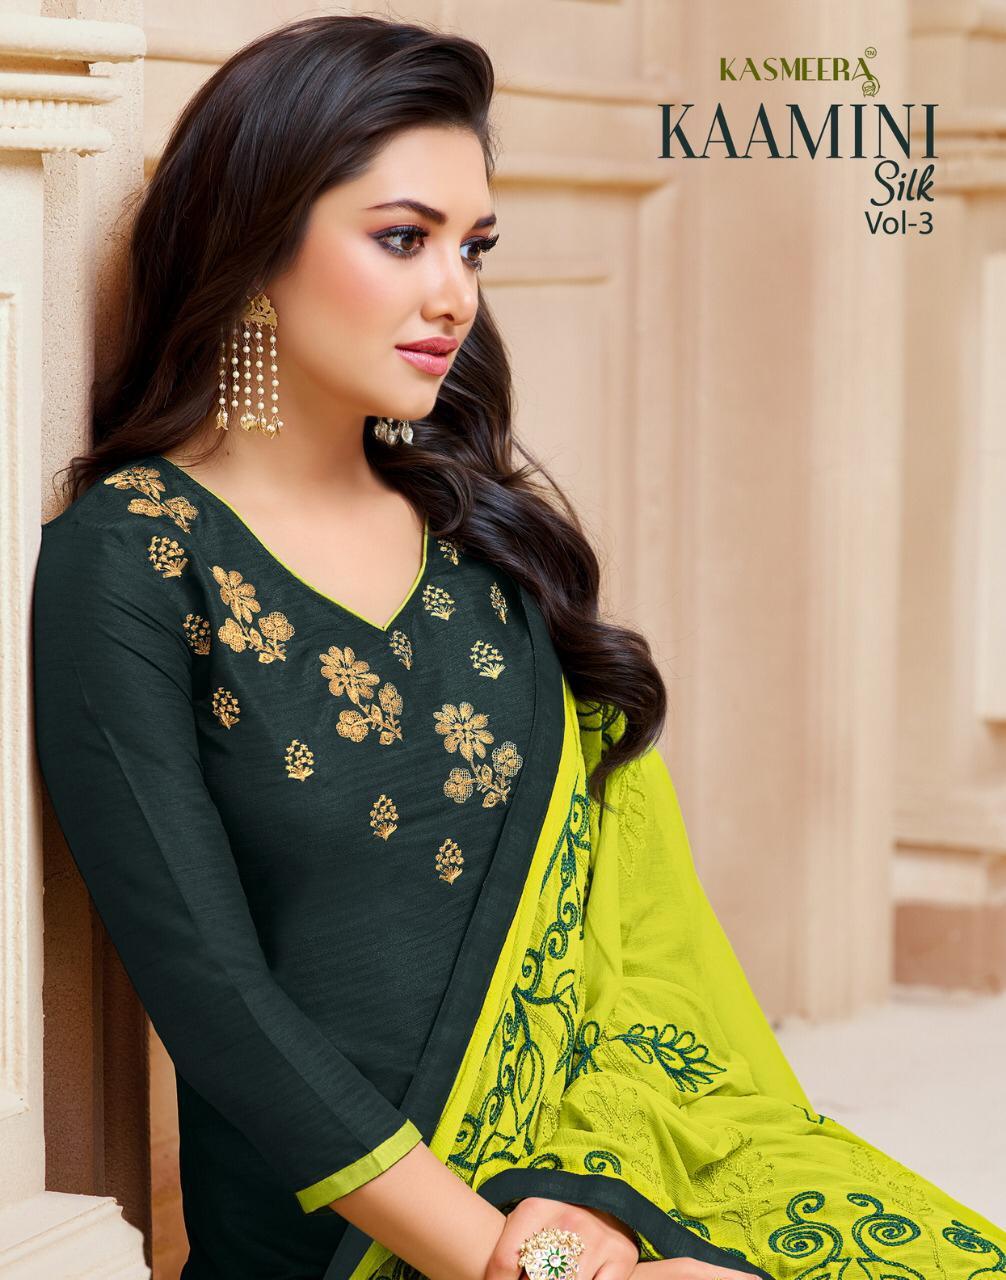 Kashmeera Kaamini Vol3 Designe Silk Jari Work Suit Wholesale